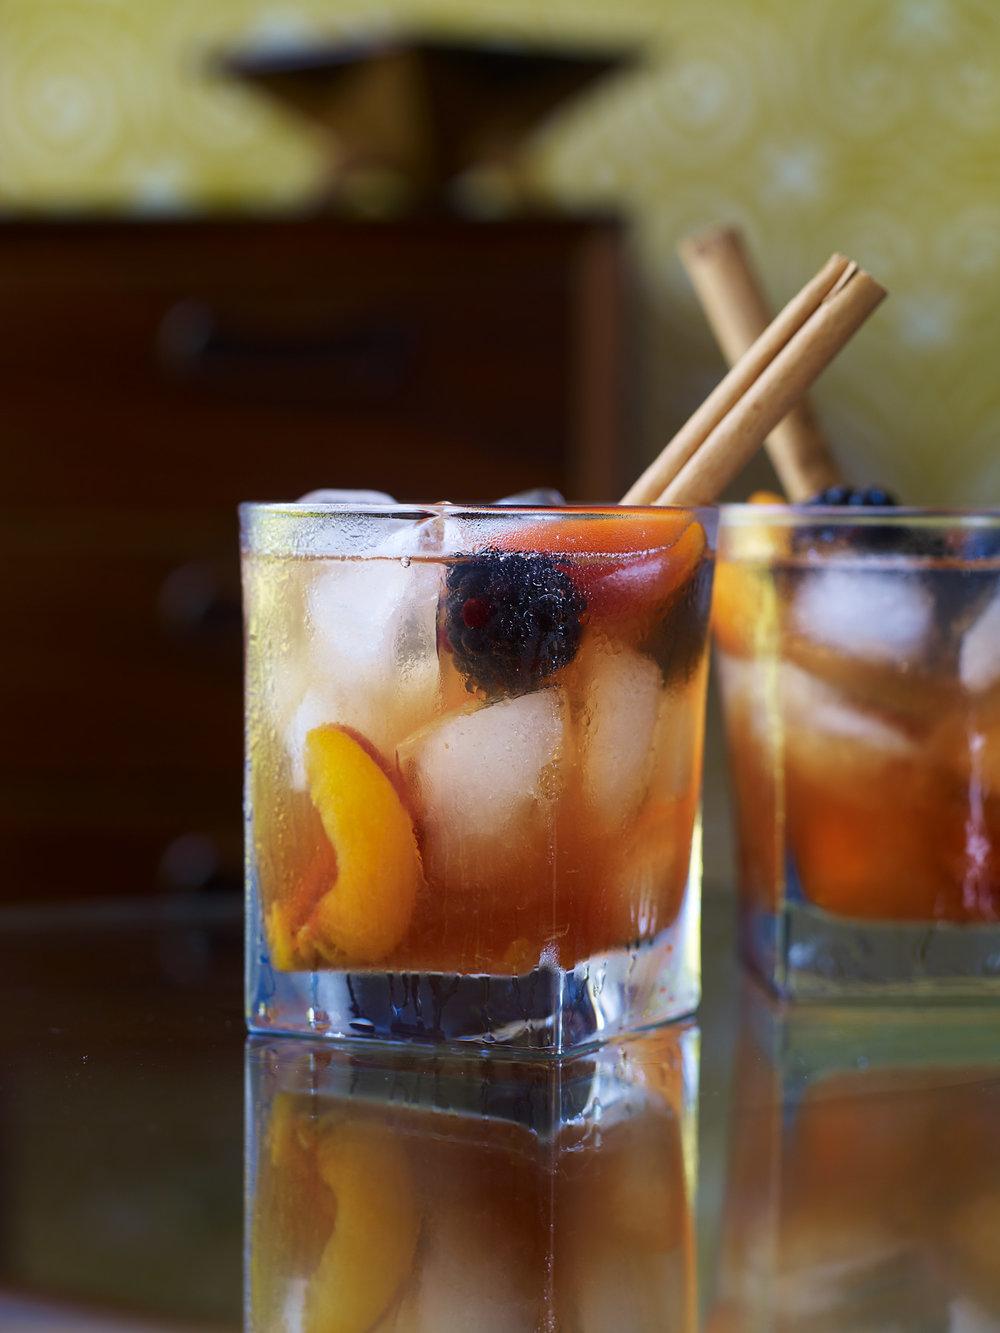 Stuart West - fruit cocktail drink